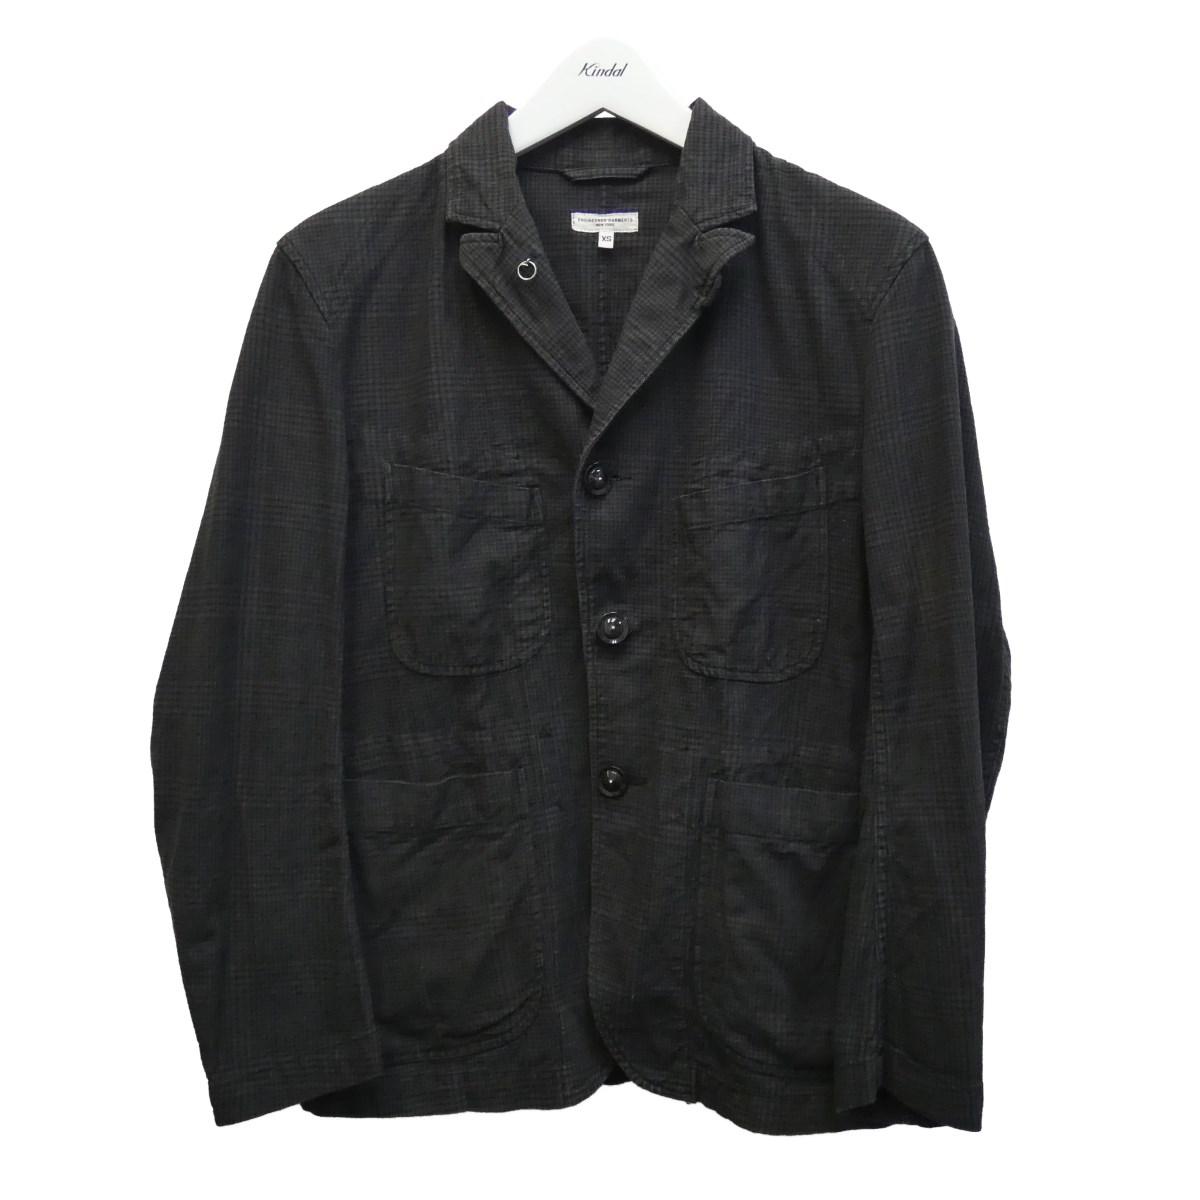 【中古】Engineered Garments チェックテーラードジャケット ブラウン サイズ:XS 【190720】(エンジニアドガーメンツ)